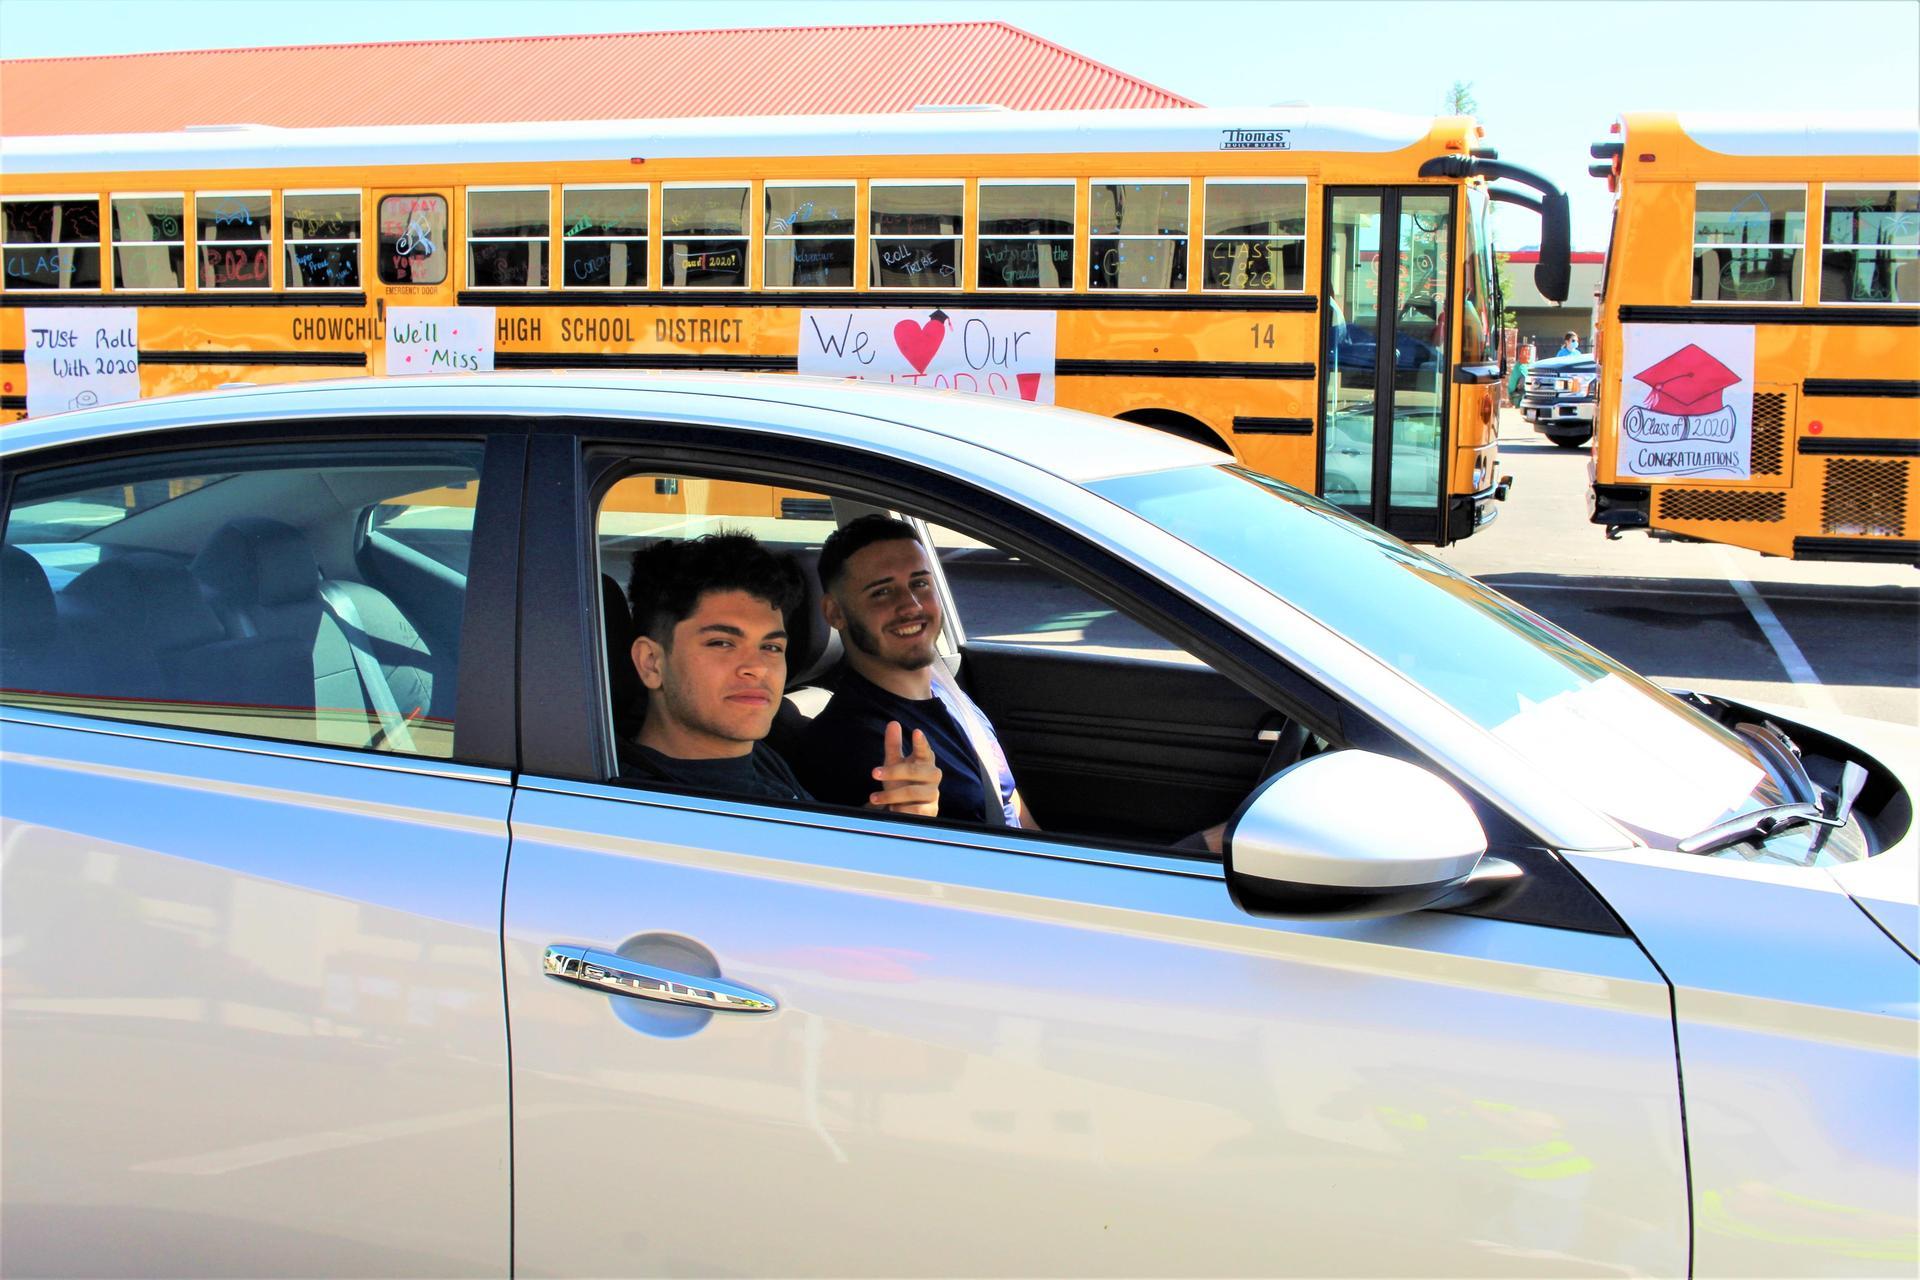 Jacob Arteaga riding with Peter Carty driving through